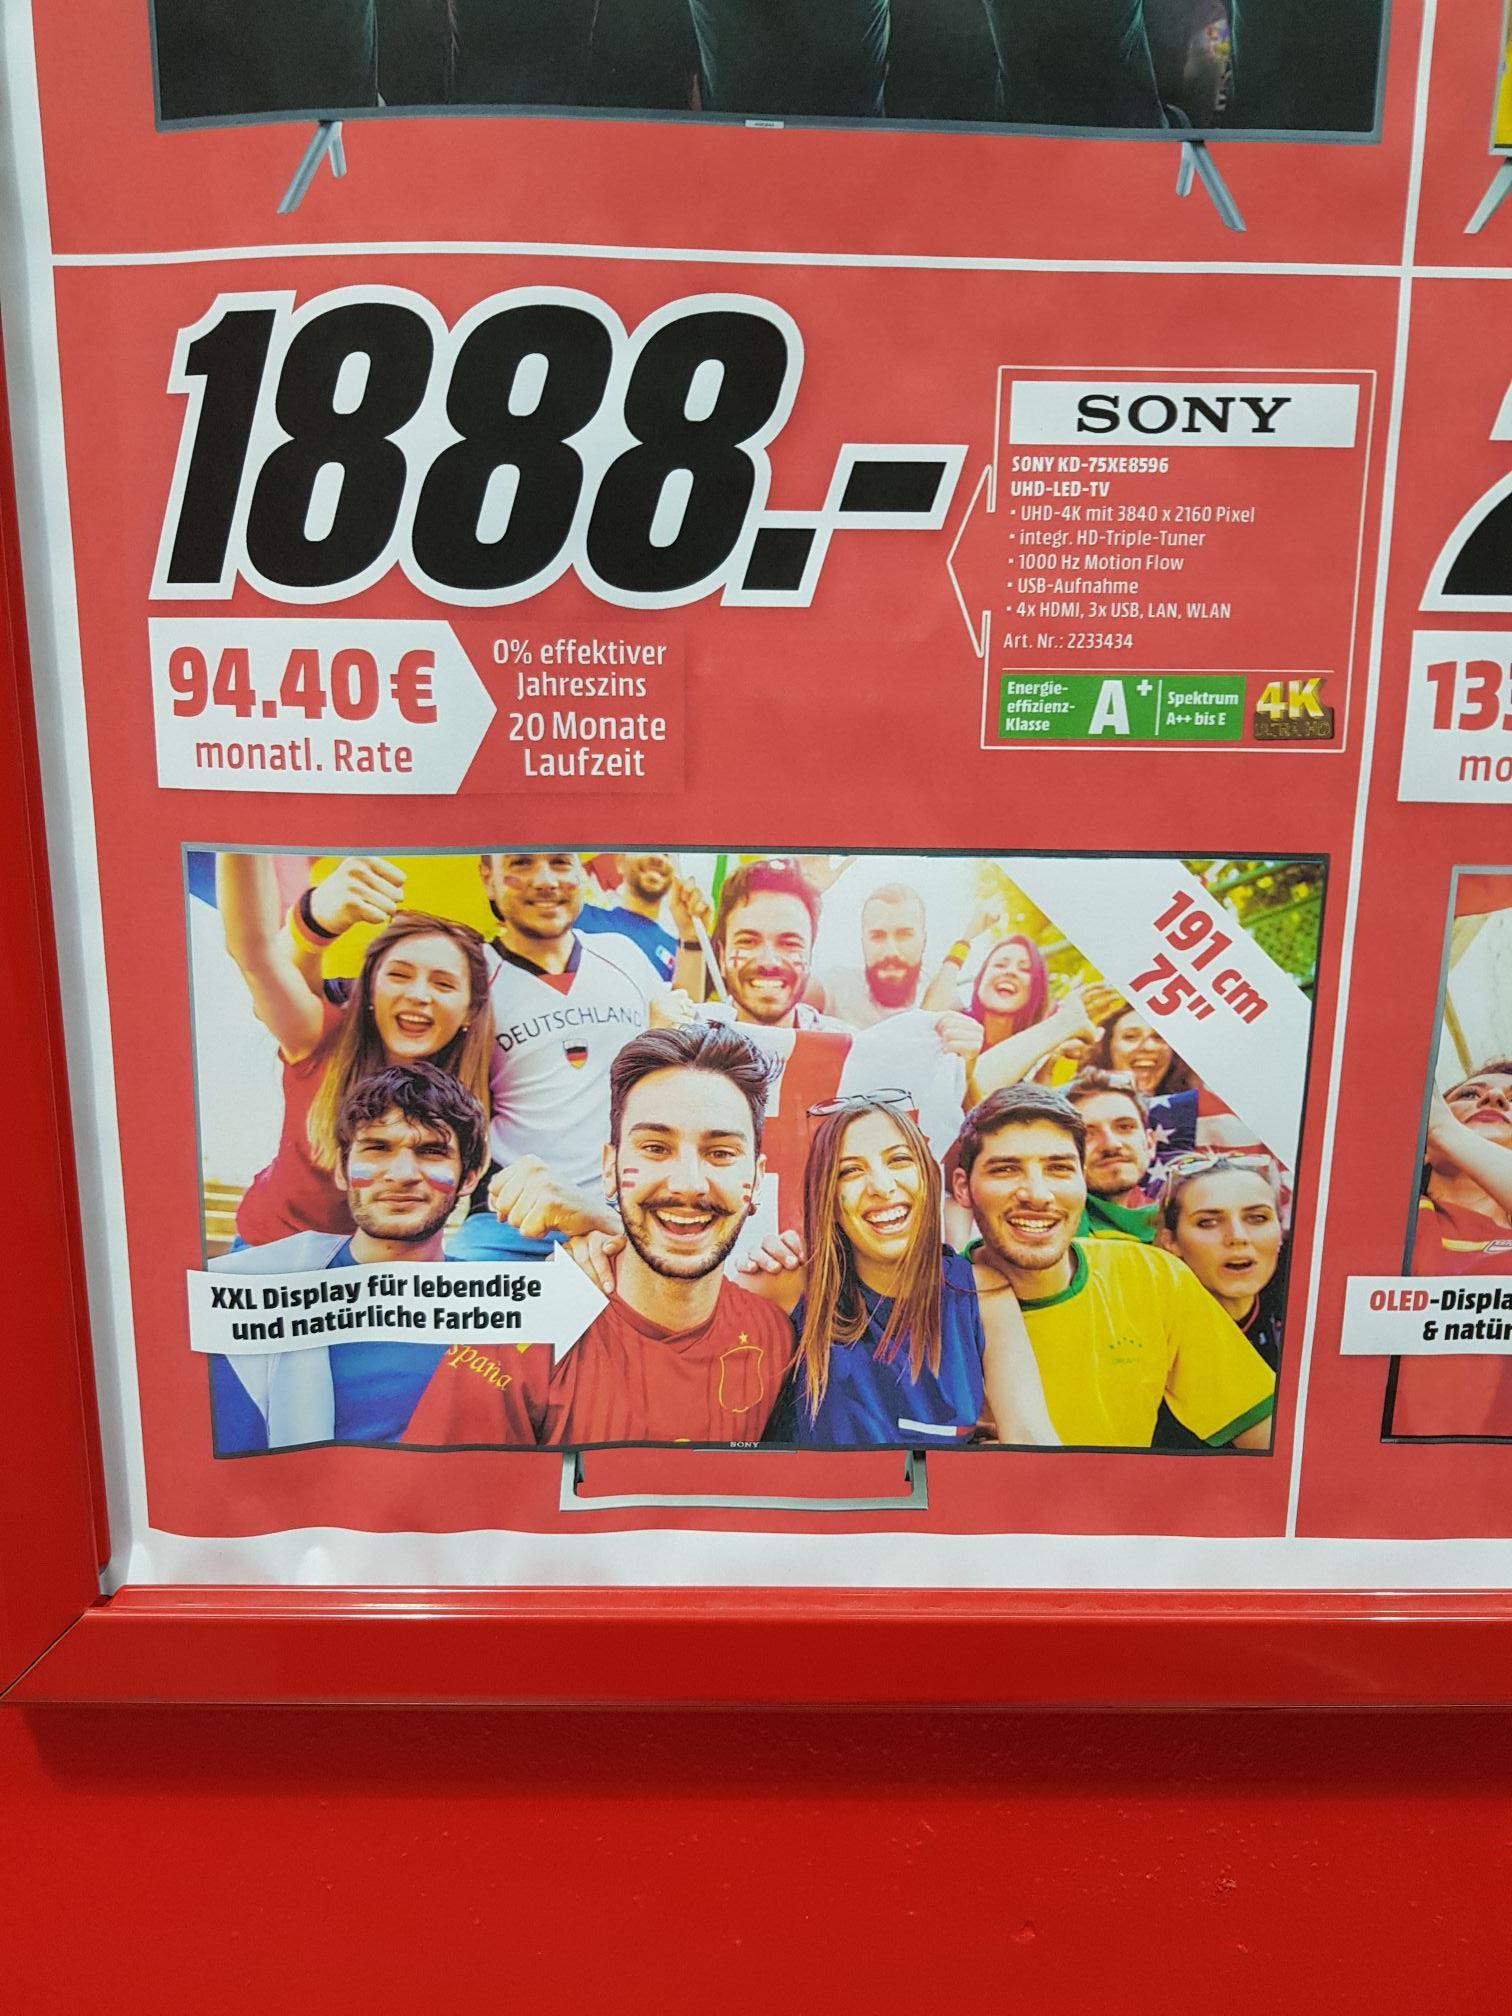 LOKAL Weiterstadt Mediamarkt Sony 75xe8596 für 1888€